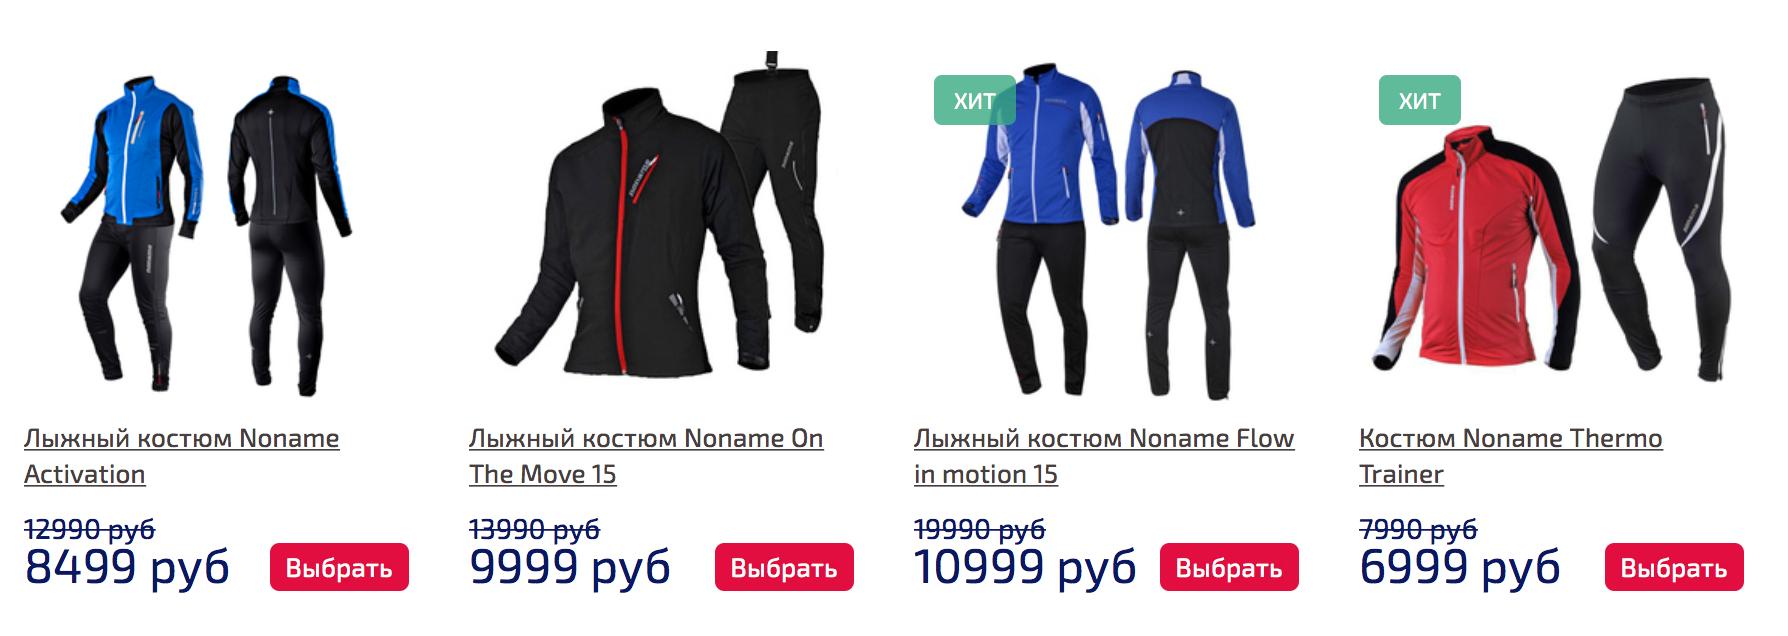 kostymy-lyzhnye-noname.png